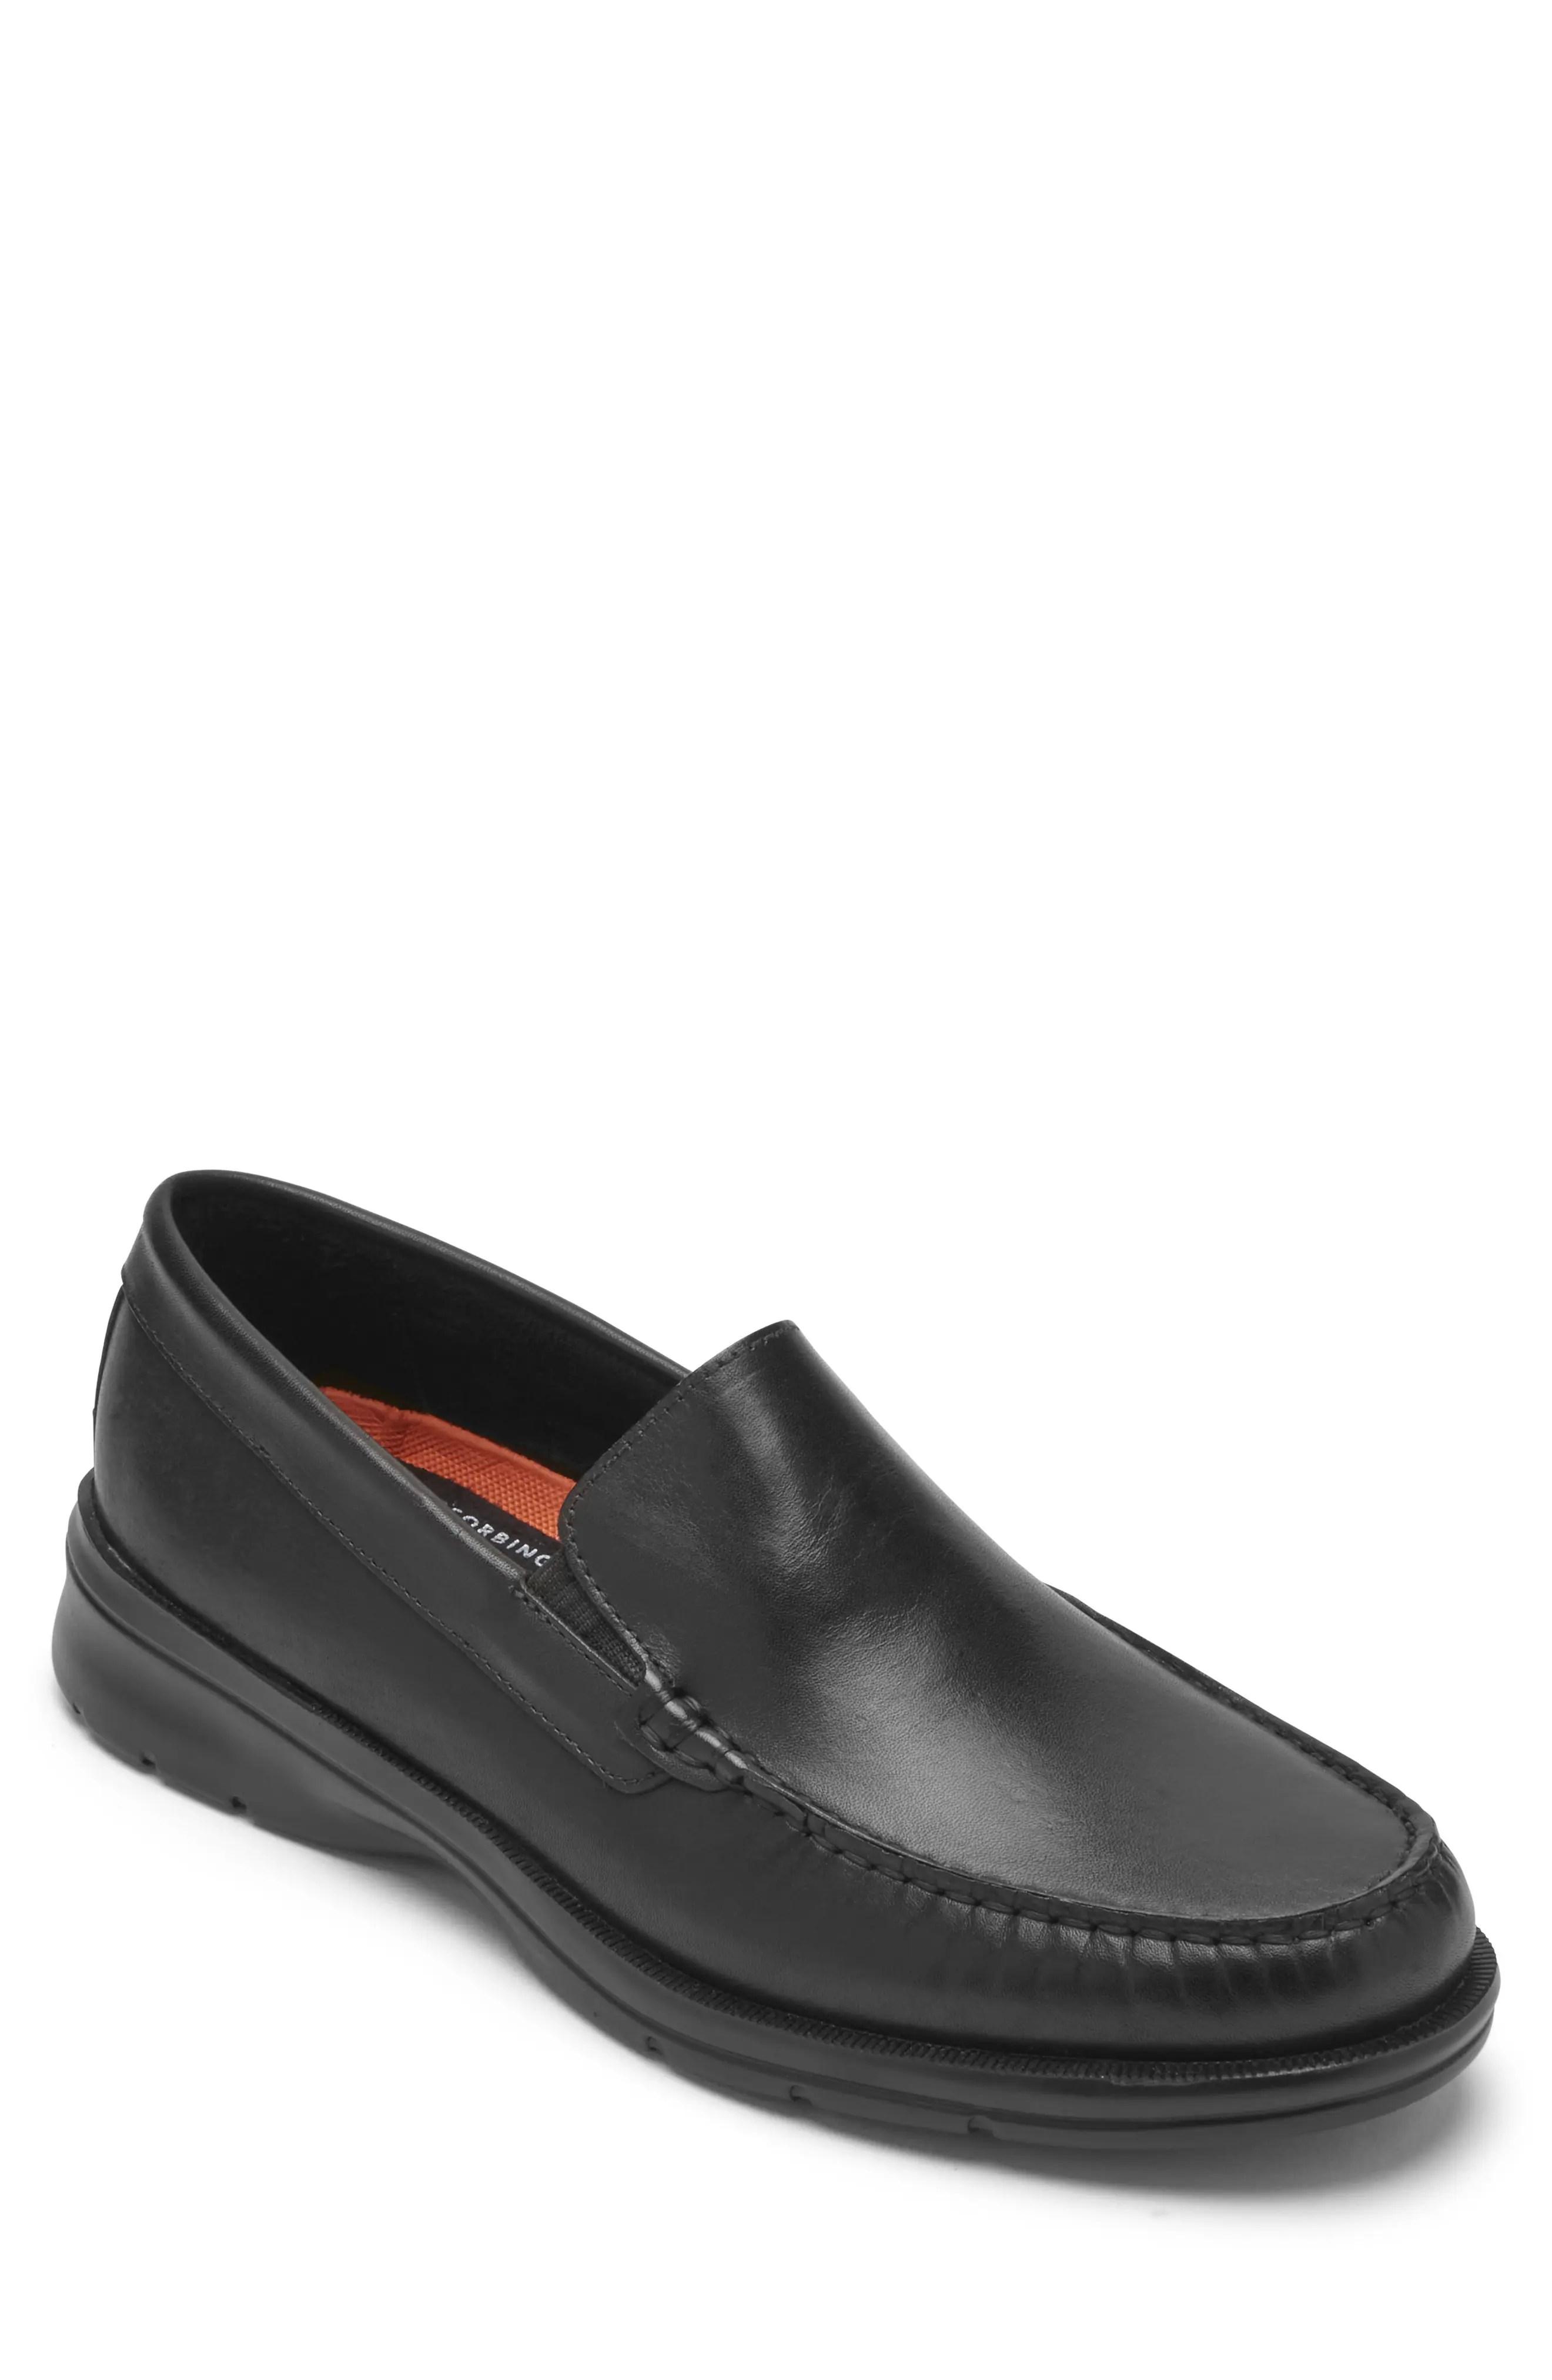 rockport men s loafers slip ons